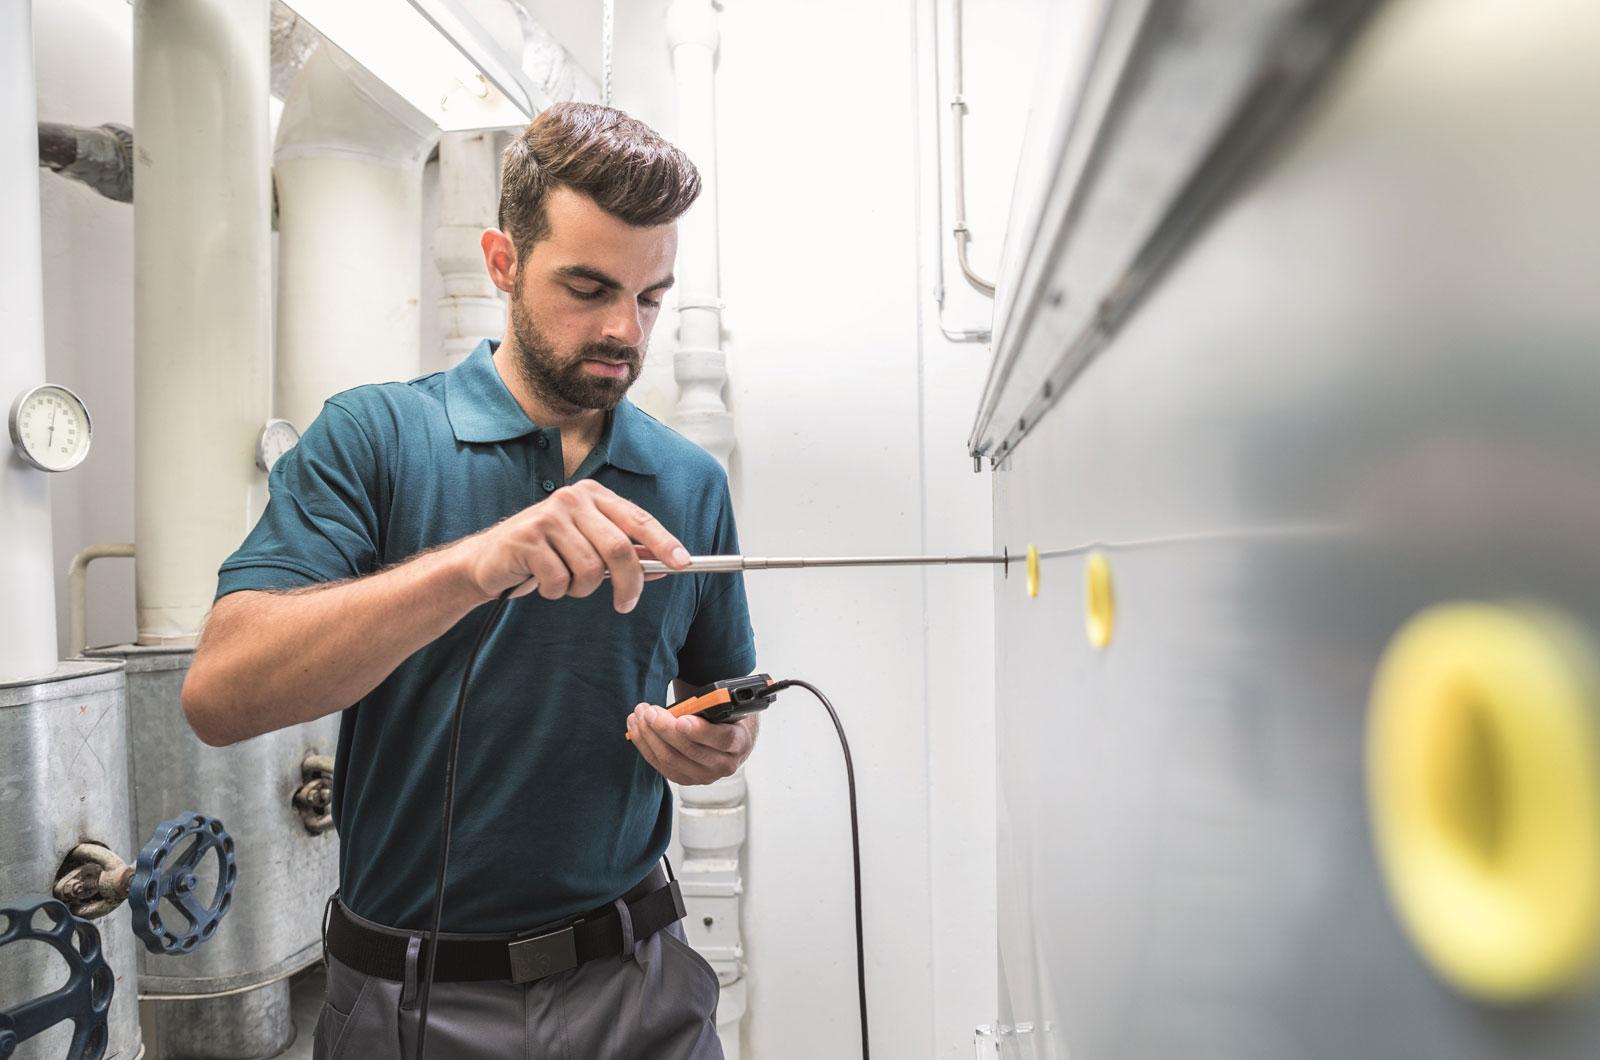 Nowy miernik wielofunkcyjny testo 440 - pomiar prędkości przepływu powietrza oraz jego jakości w pomieszczeniach